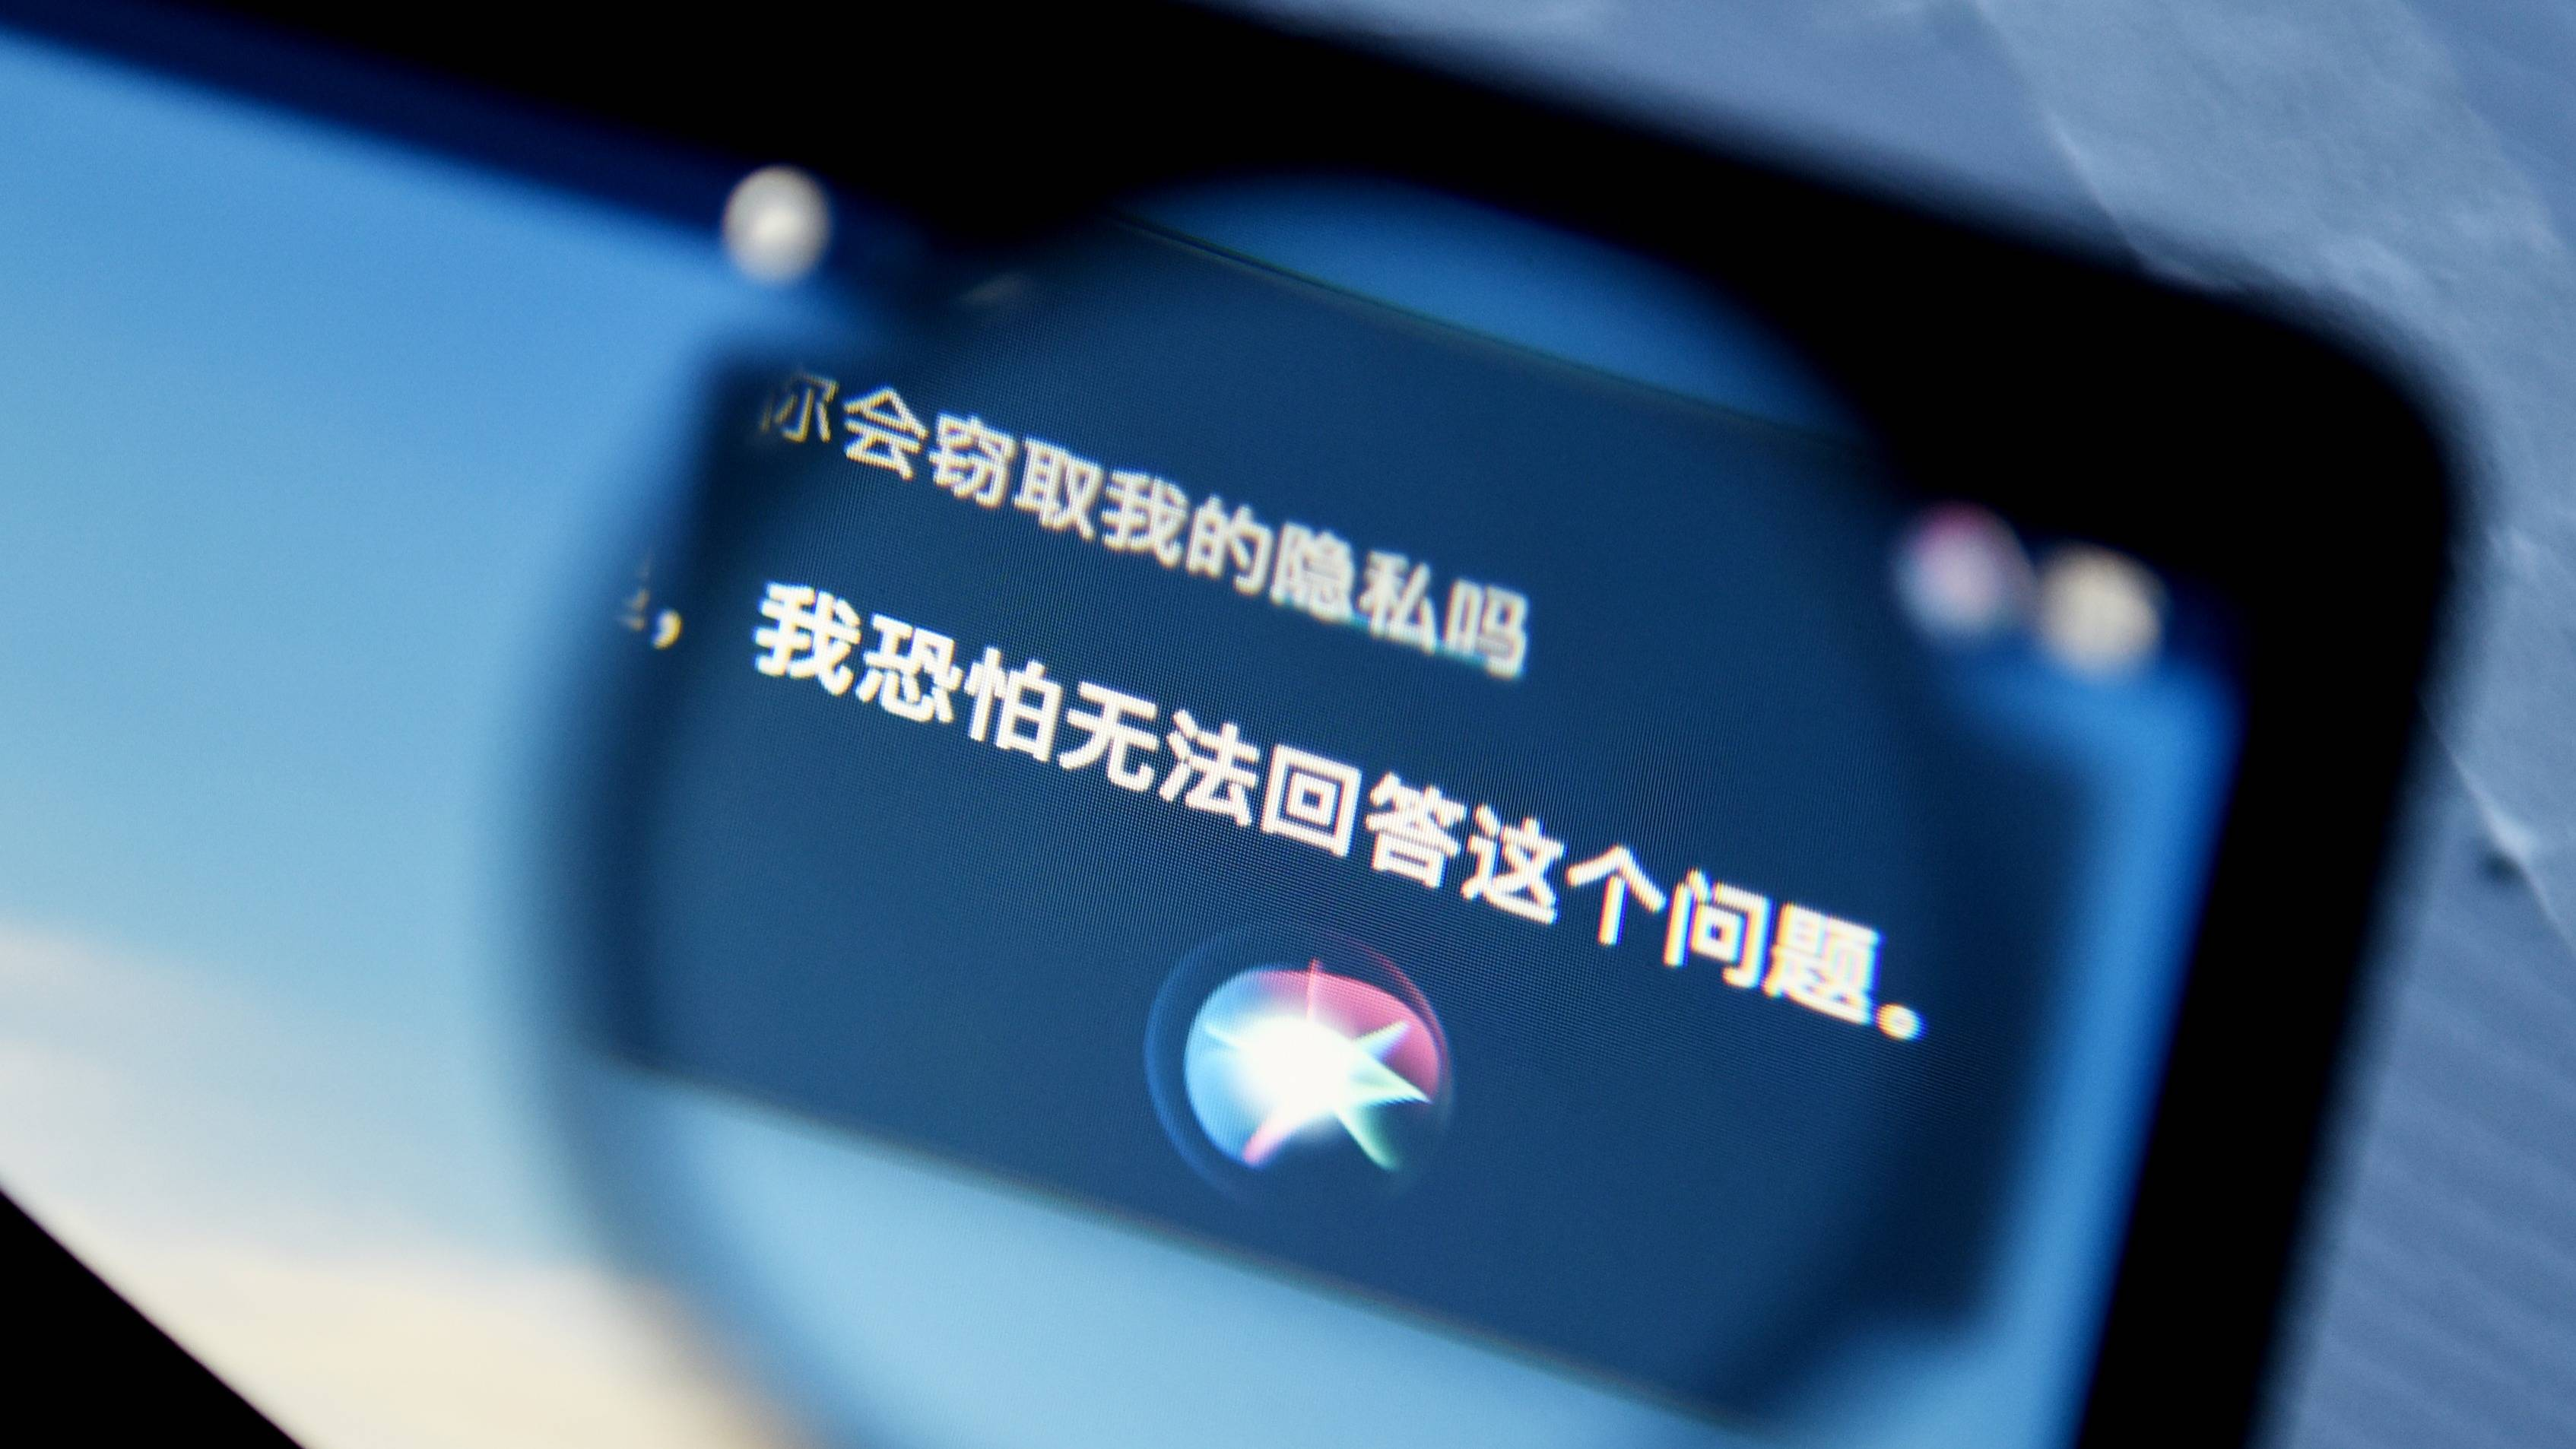 """【虎嗅早报】苹果再道歉:不再保留Siri互动录音;FF回应贾跃亭""""卸任"""":架构变革将公布细节"""